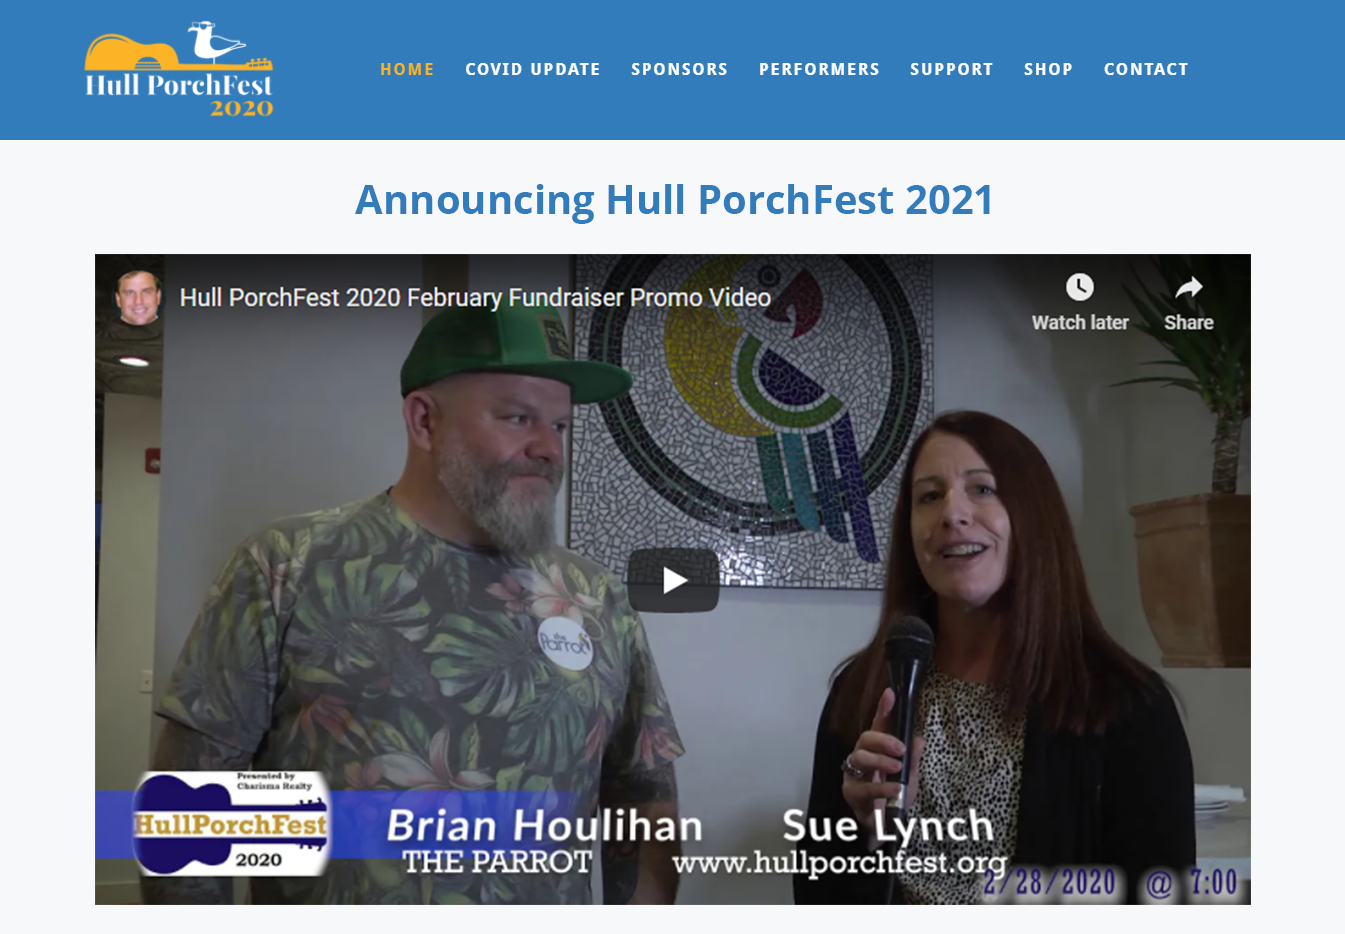 Hull PorchFest Website Screenshot